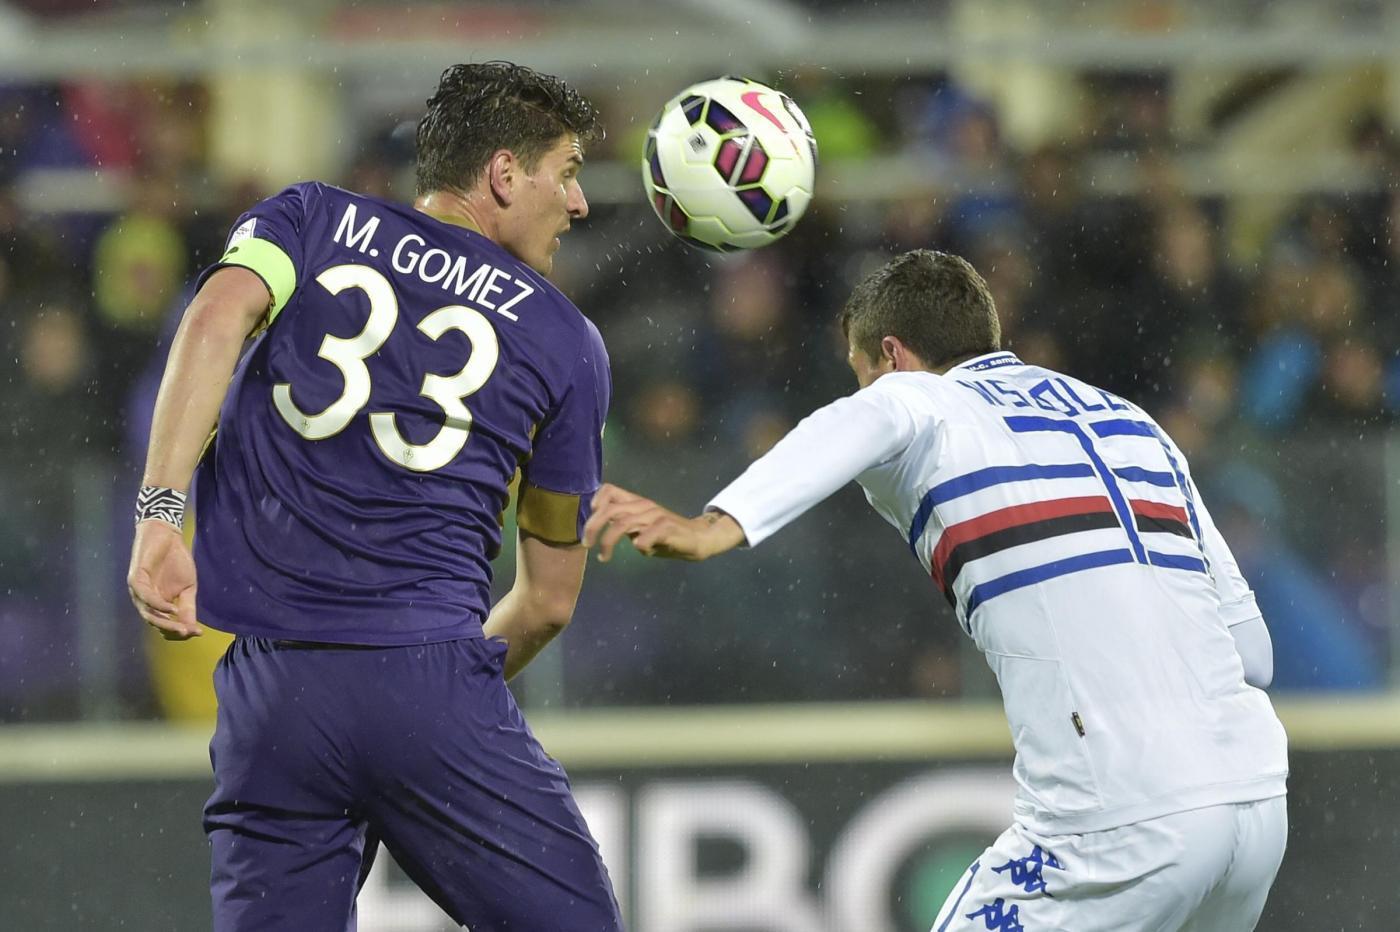 Pagelle Serie A 2014/15: i voti della 29esima giornata